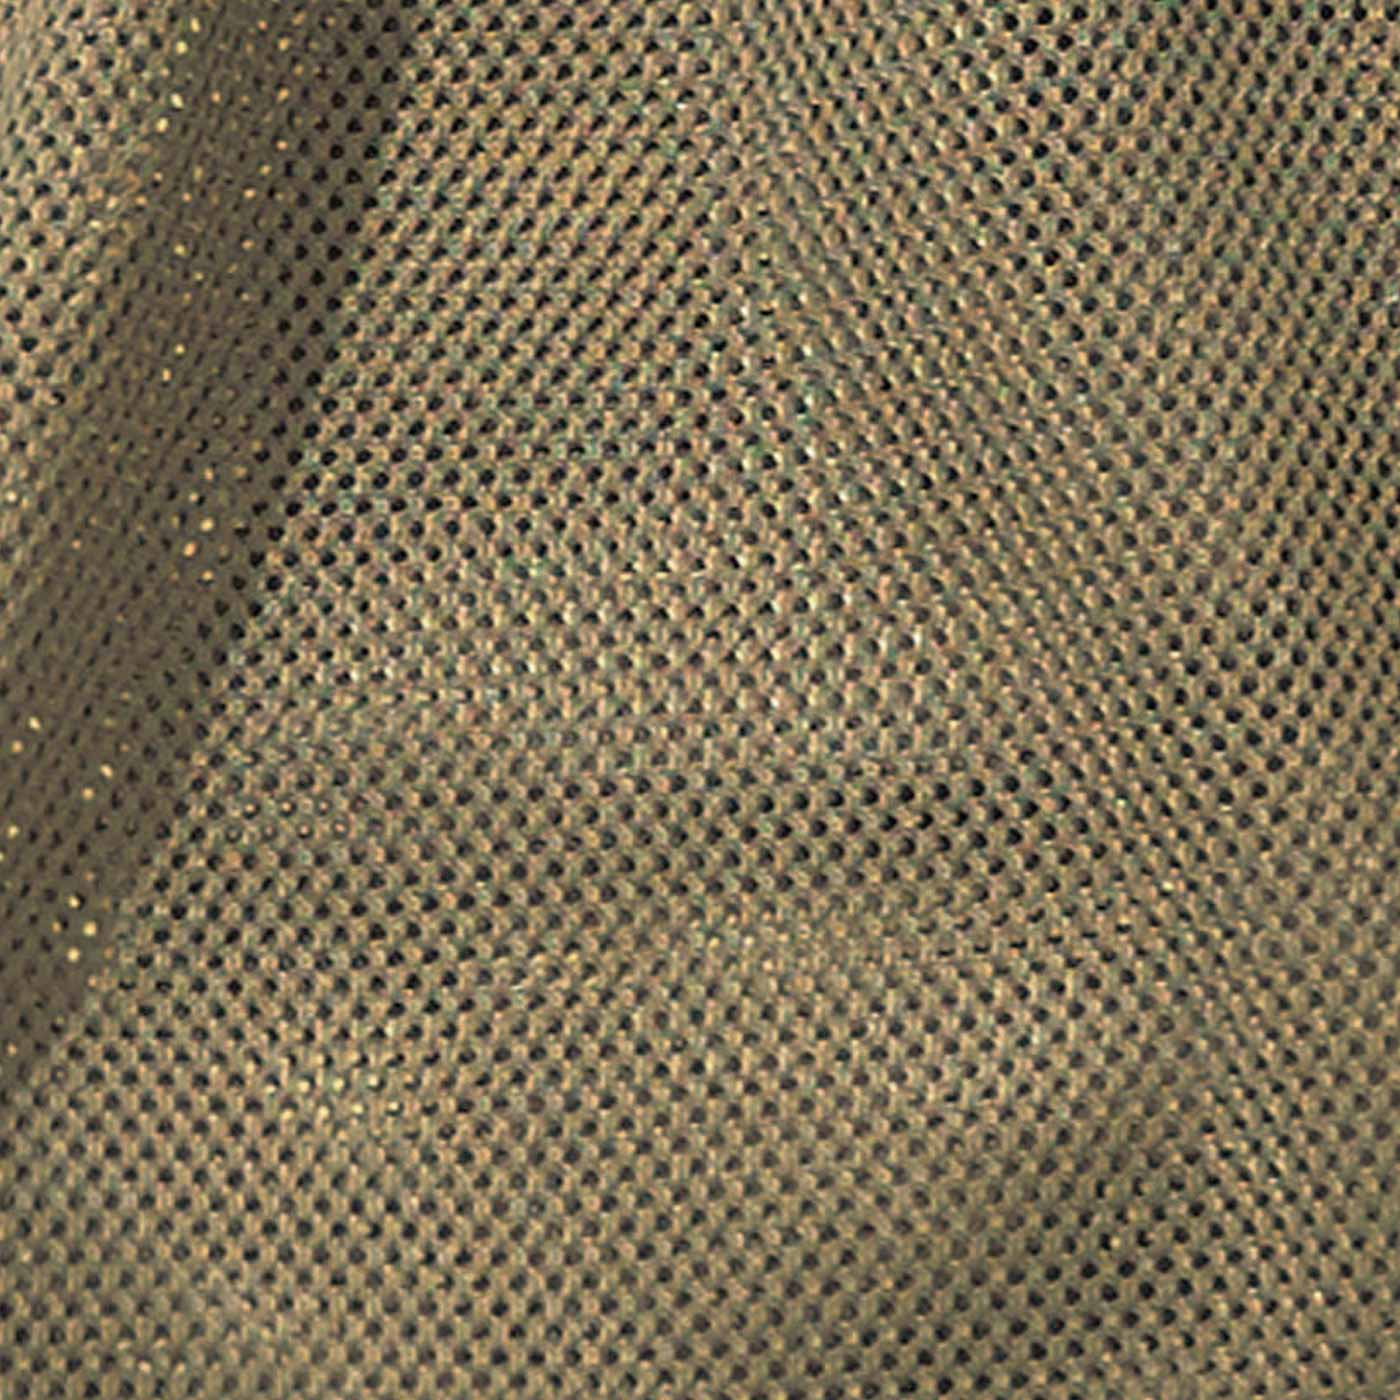 クールマックス(R)ファブリック 生地の中に水分をため込まない構造で、肌へのまとわりつきやべたつきが少なく、さらっとした着け心地。おしりやももまわりの汗じみもしっかりガードします。クールマックス(R)( COOLMAX(R))は インビスタ社の商標です。